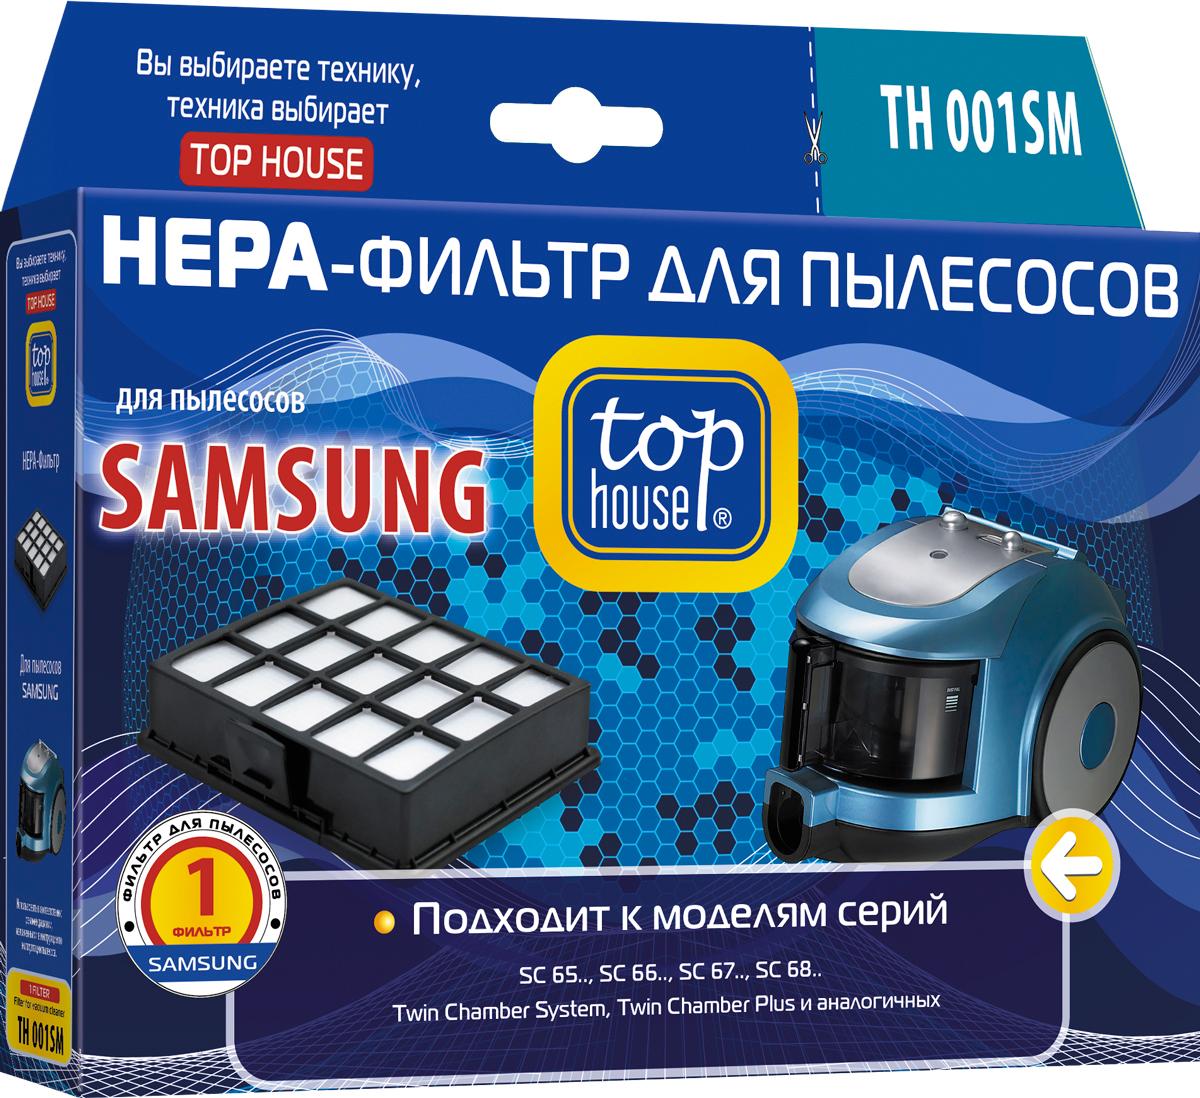 Top House TH 001SM HEPA-фильтр для пылесосов Samsung392814Top House TH 001SM HEPA-фильтр для пылесосов Samsung. HЕРА-фильтр Top House изготовлен в Германии из специального материала. Высокая степень фильтрации НЕРА-фильтра позволяет очистить воздух от бактерий, пыльцы растений, спор плесени и пылевых клещей. Размер отфильтрованных частиц 0,0003 мм, что в 233 раза тоньше человеческого волоса. Рекомендуется использовать HEPA-фильтр для пылесоса людям, чувствительным к домашней пыли или страдающим аллергией, а также, если в доме есть маленькие дети.